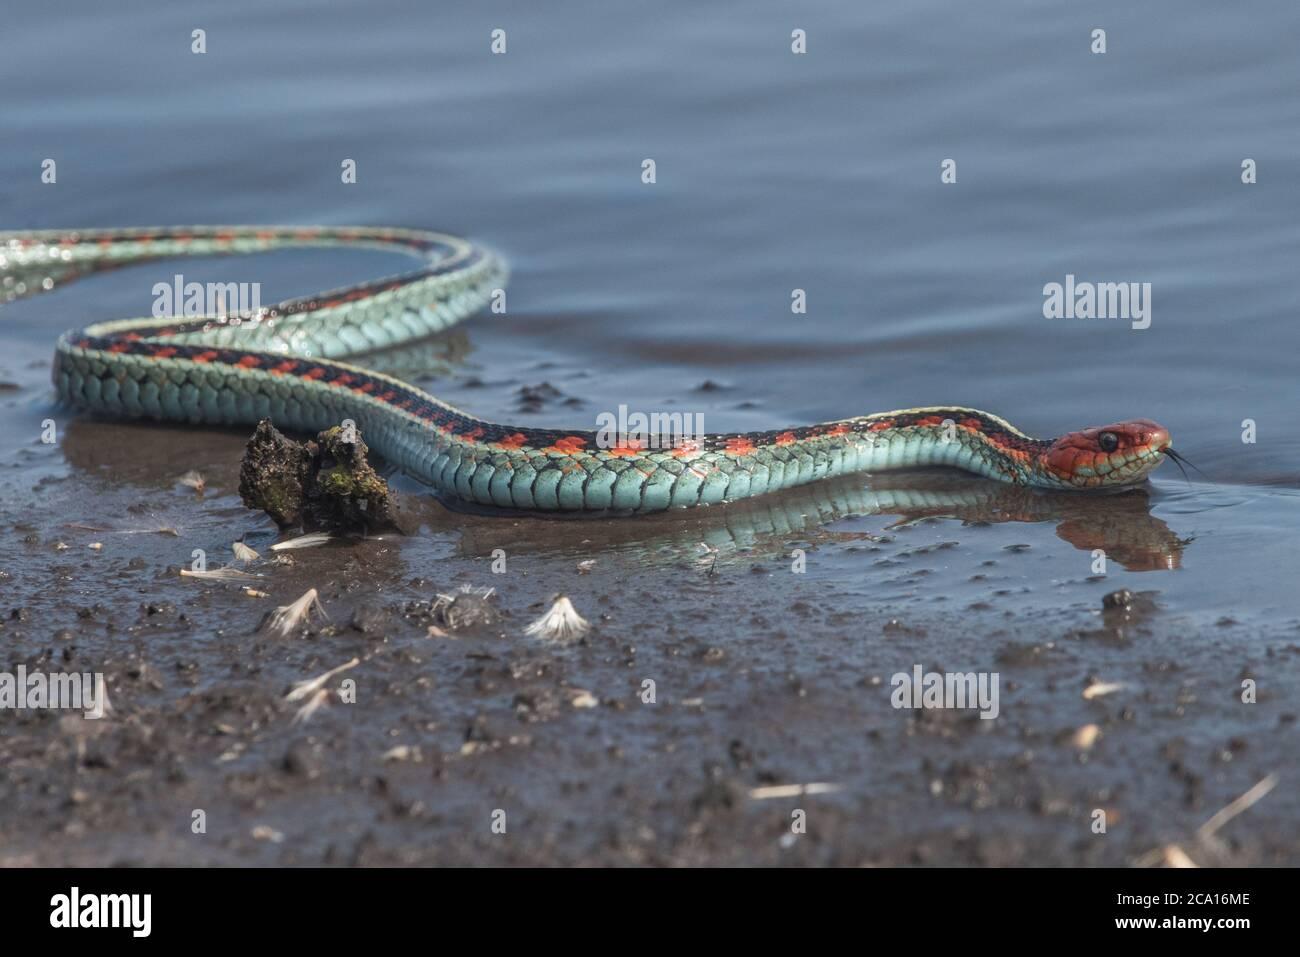 Una serpiente de color rojo de California (Thamnophis sirtalis infernalis), posiblemente una de las serpientes más bellas de América del Norte. Foto de stock